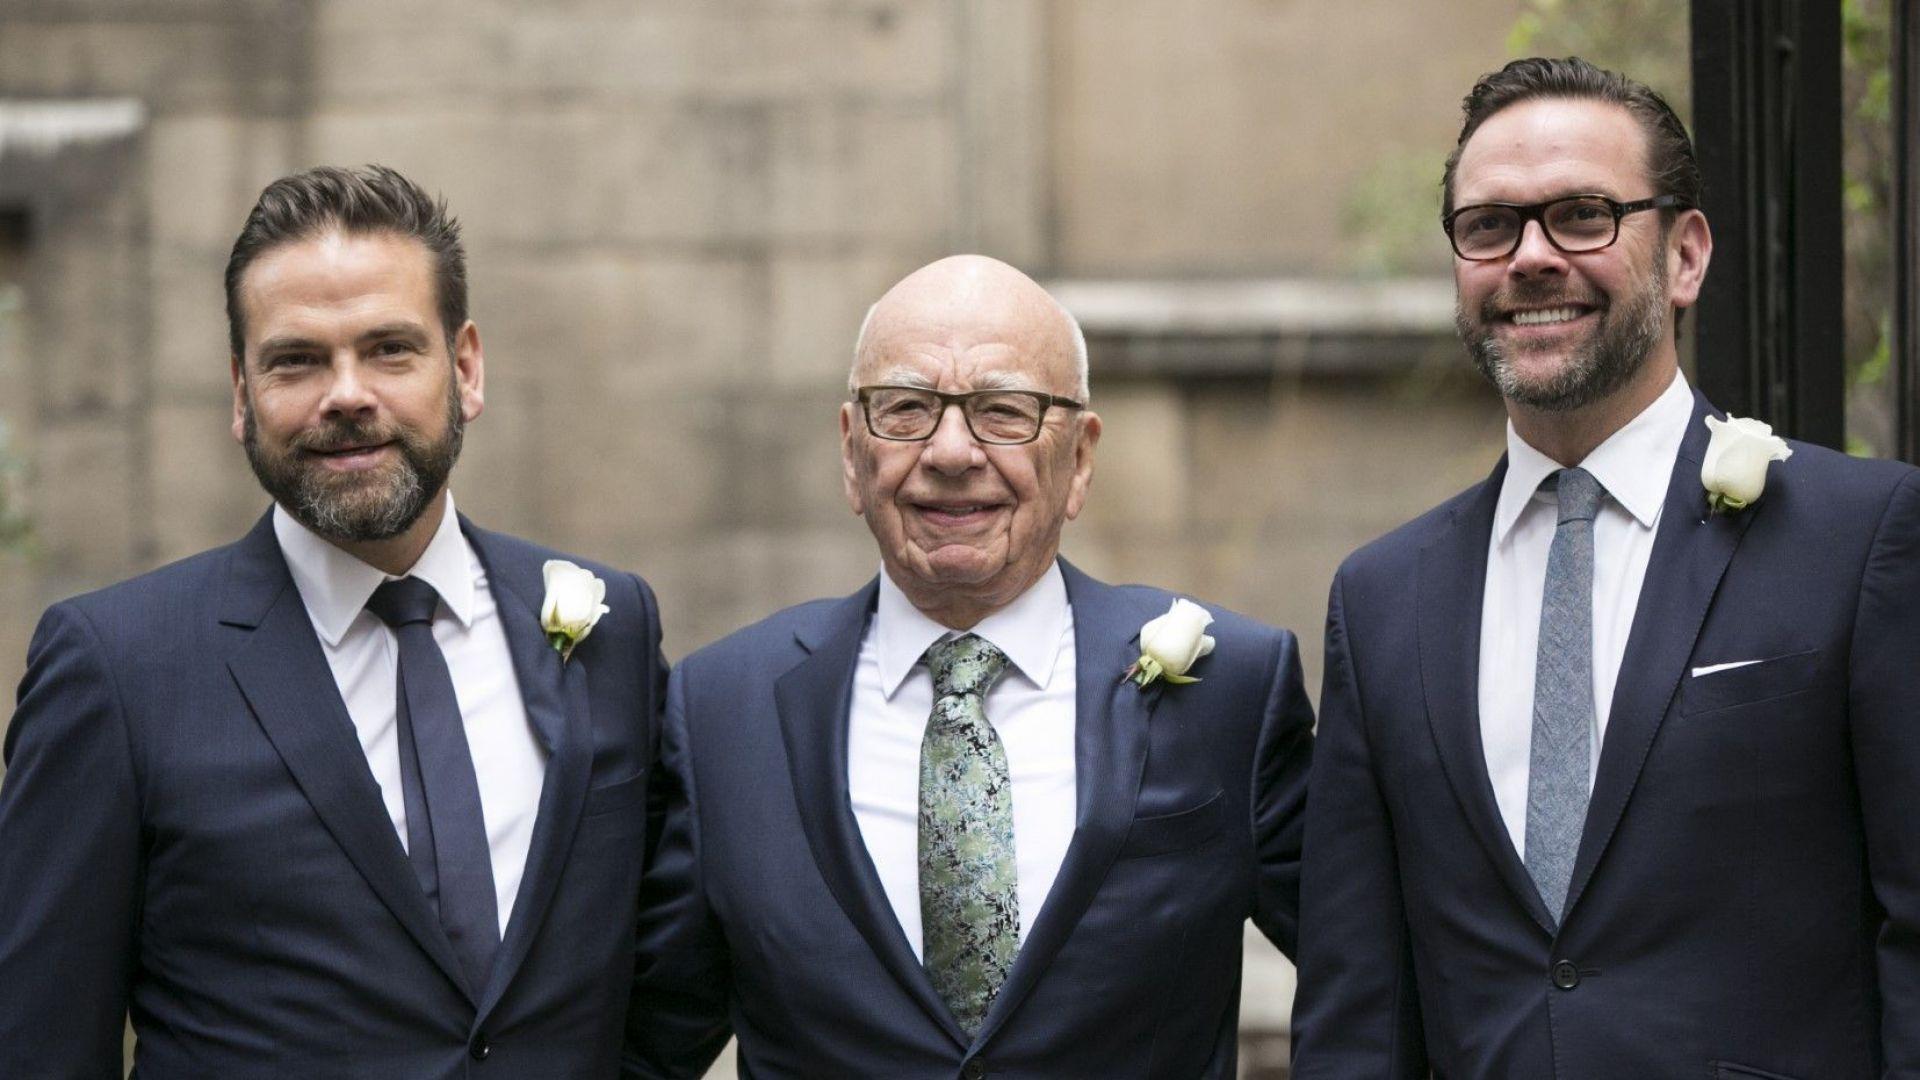 Рупърт Мърдок и двамата му сина - Джеймс (вдясно) и Лаклан (вляво), на 5 март 2016 г., ден след сватбата му в Лондон с Джери Хол. Джеймс се оттегли, Лаклан управлява голяма част от бизнеса